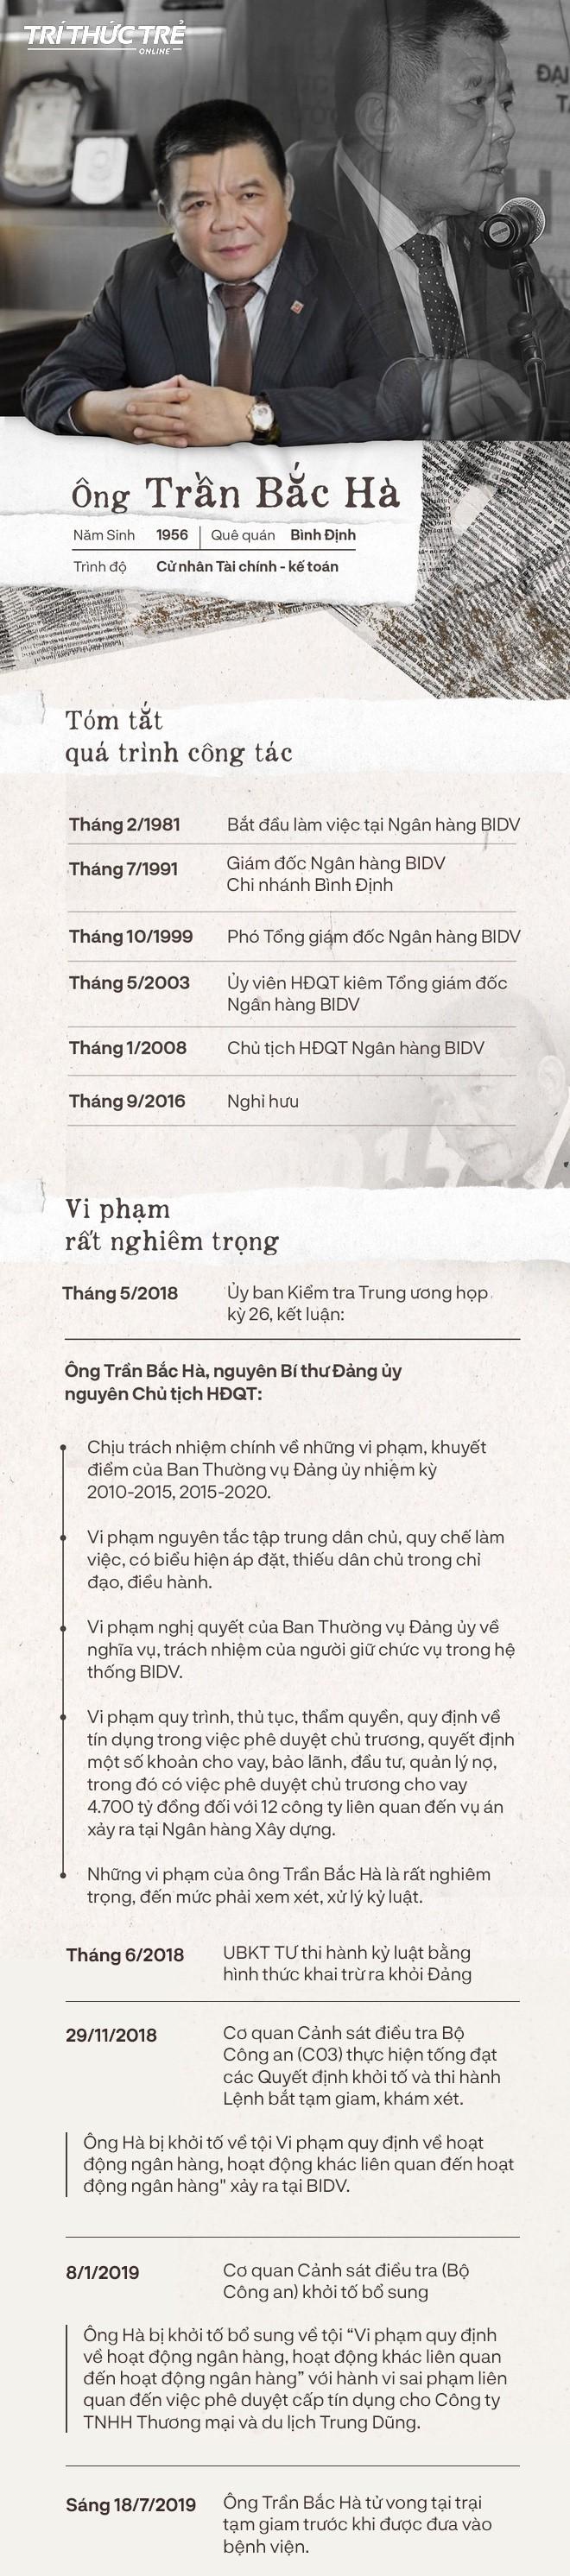 Các dấu mốc trong cuộc đời cựu Chủ tịch ngân hàng BIDV Trần Bắc Hà - Ảnh 1.